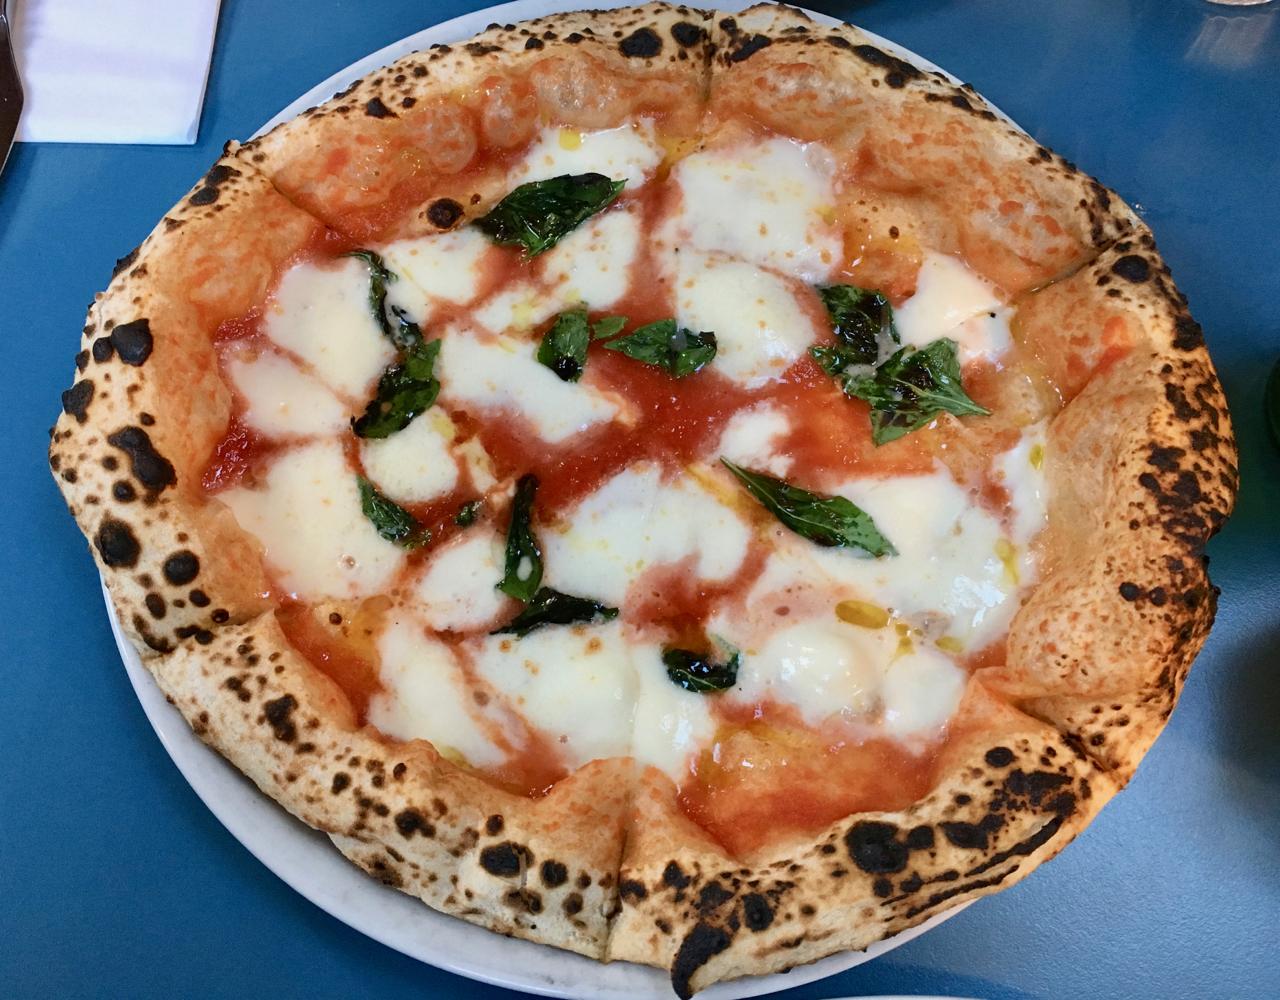 Best pizza in Bristol - Bertha's sourdough pizza and gelato